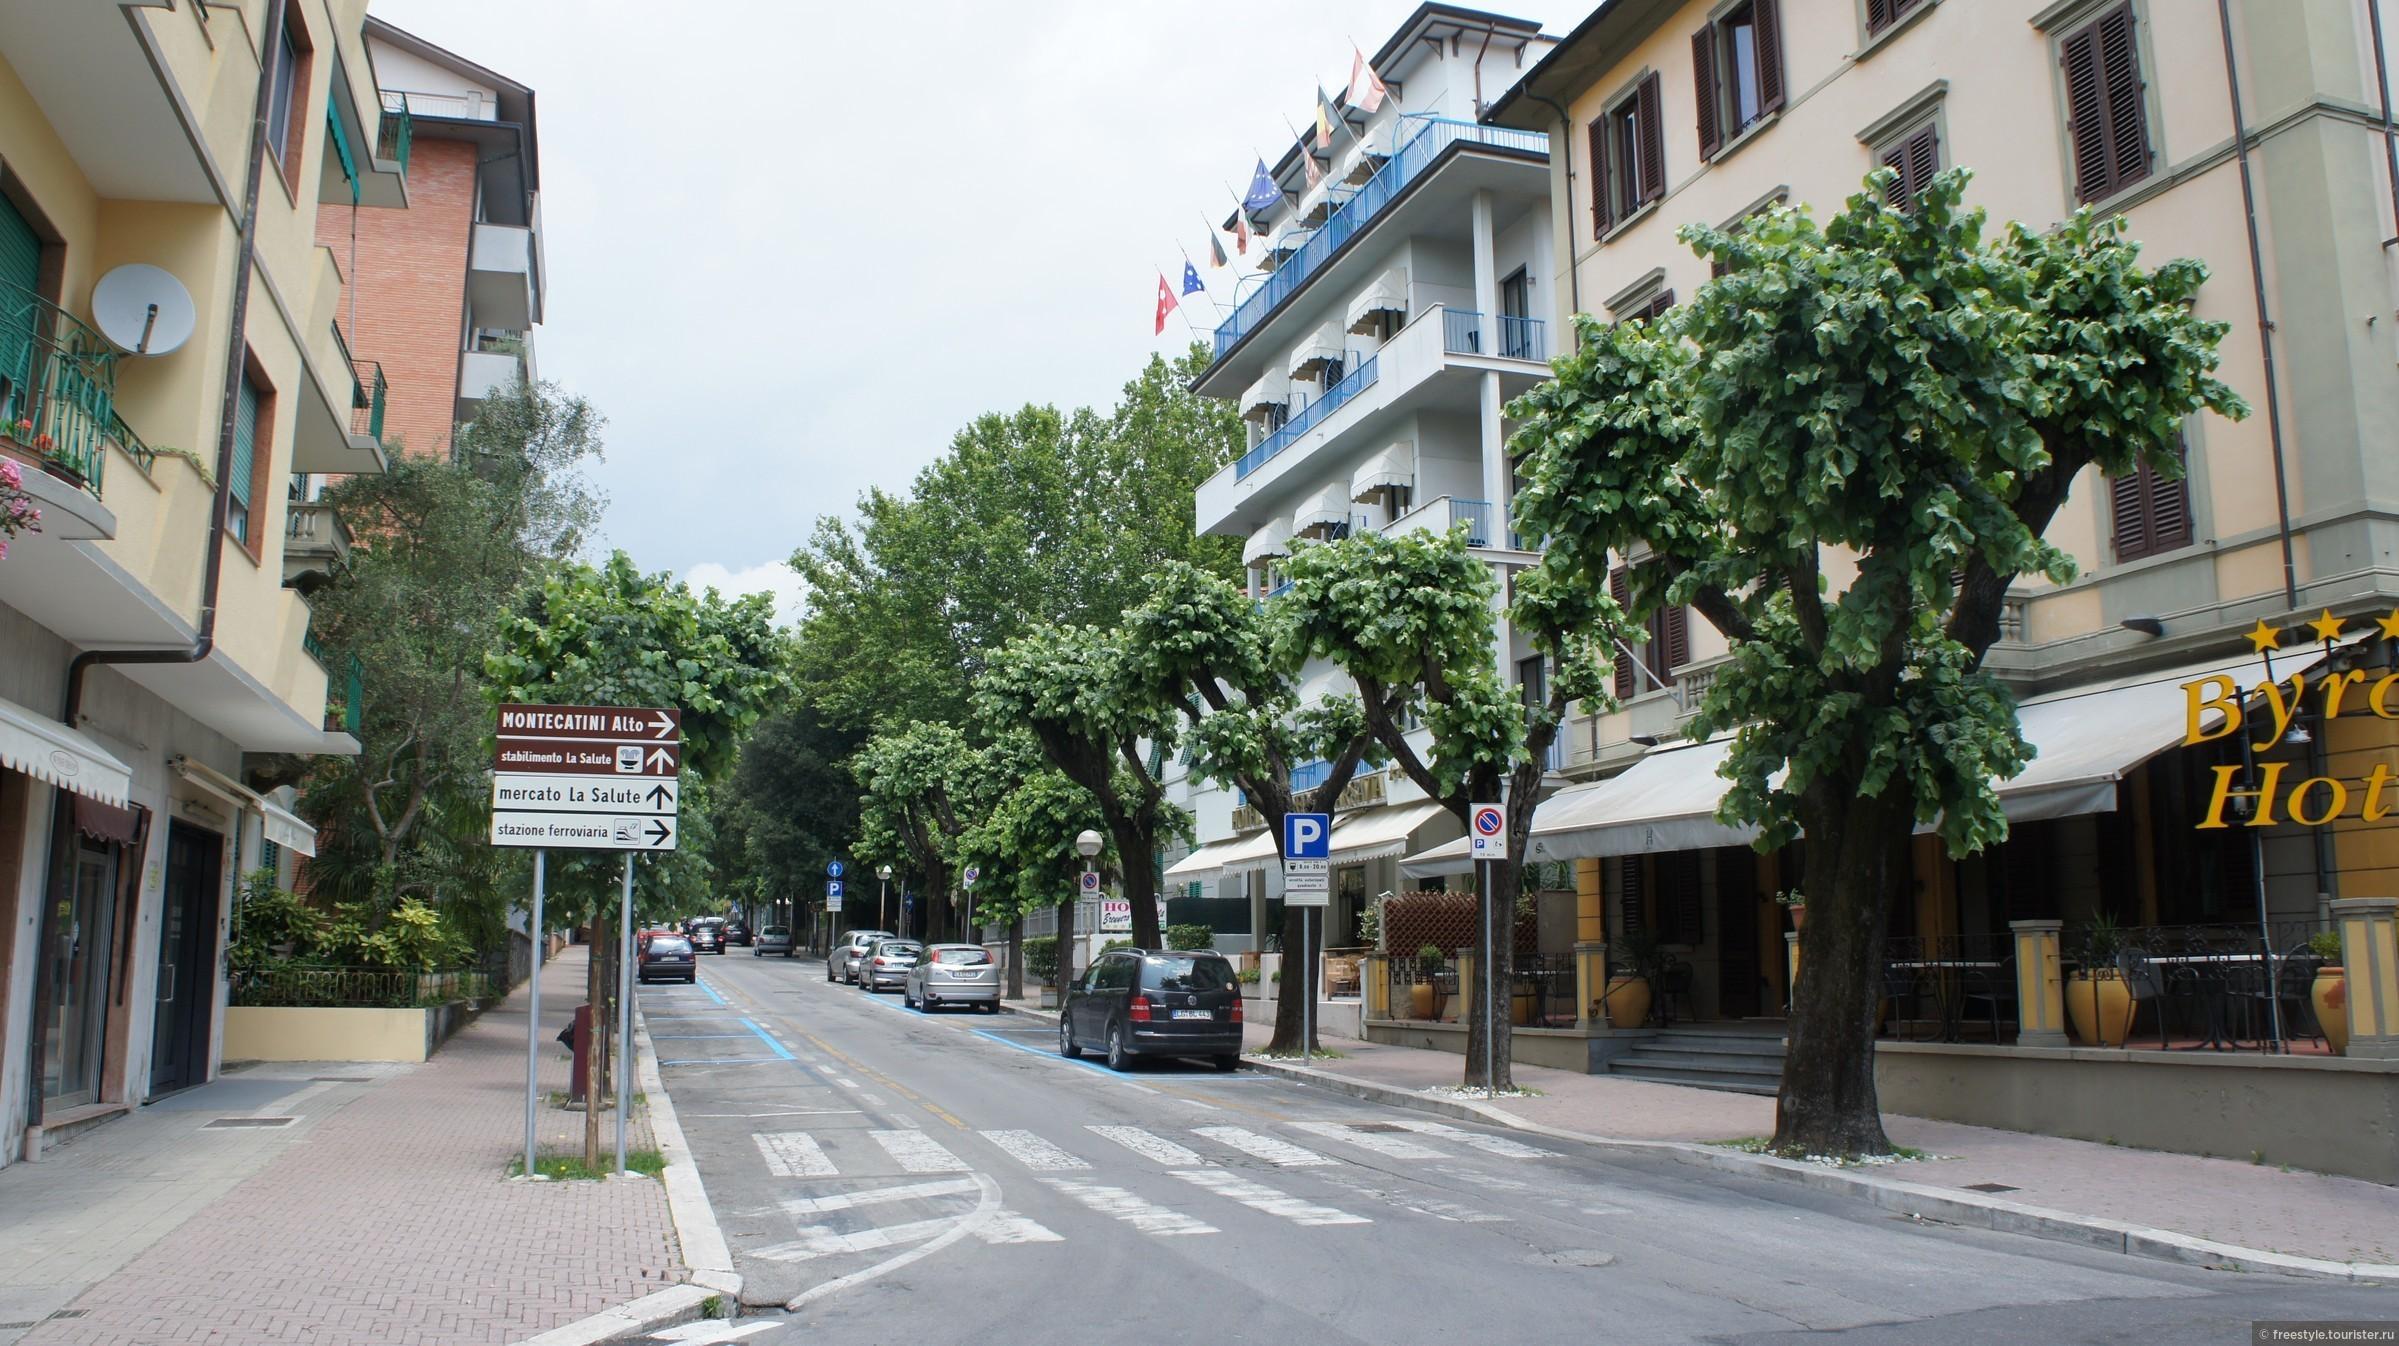 Comprare uno studio a Montecatini Terme Malaga